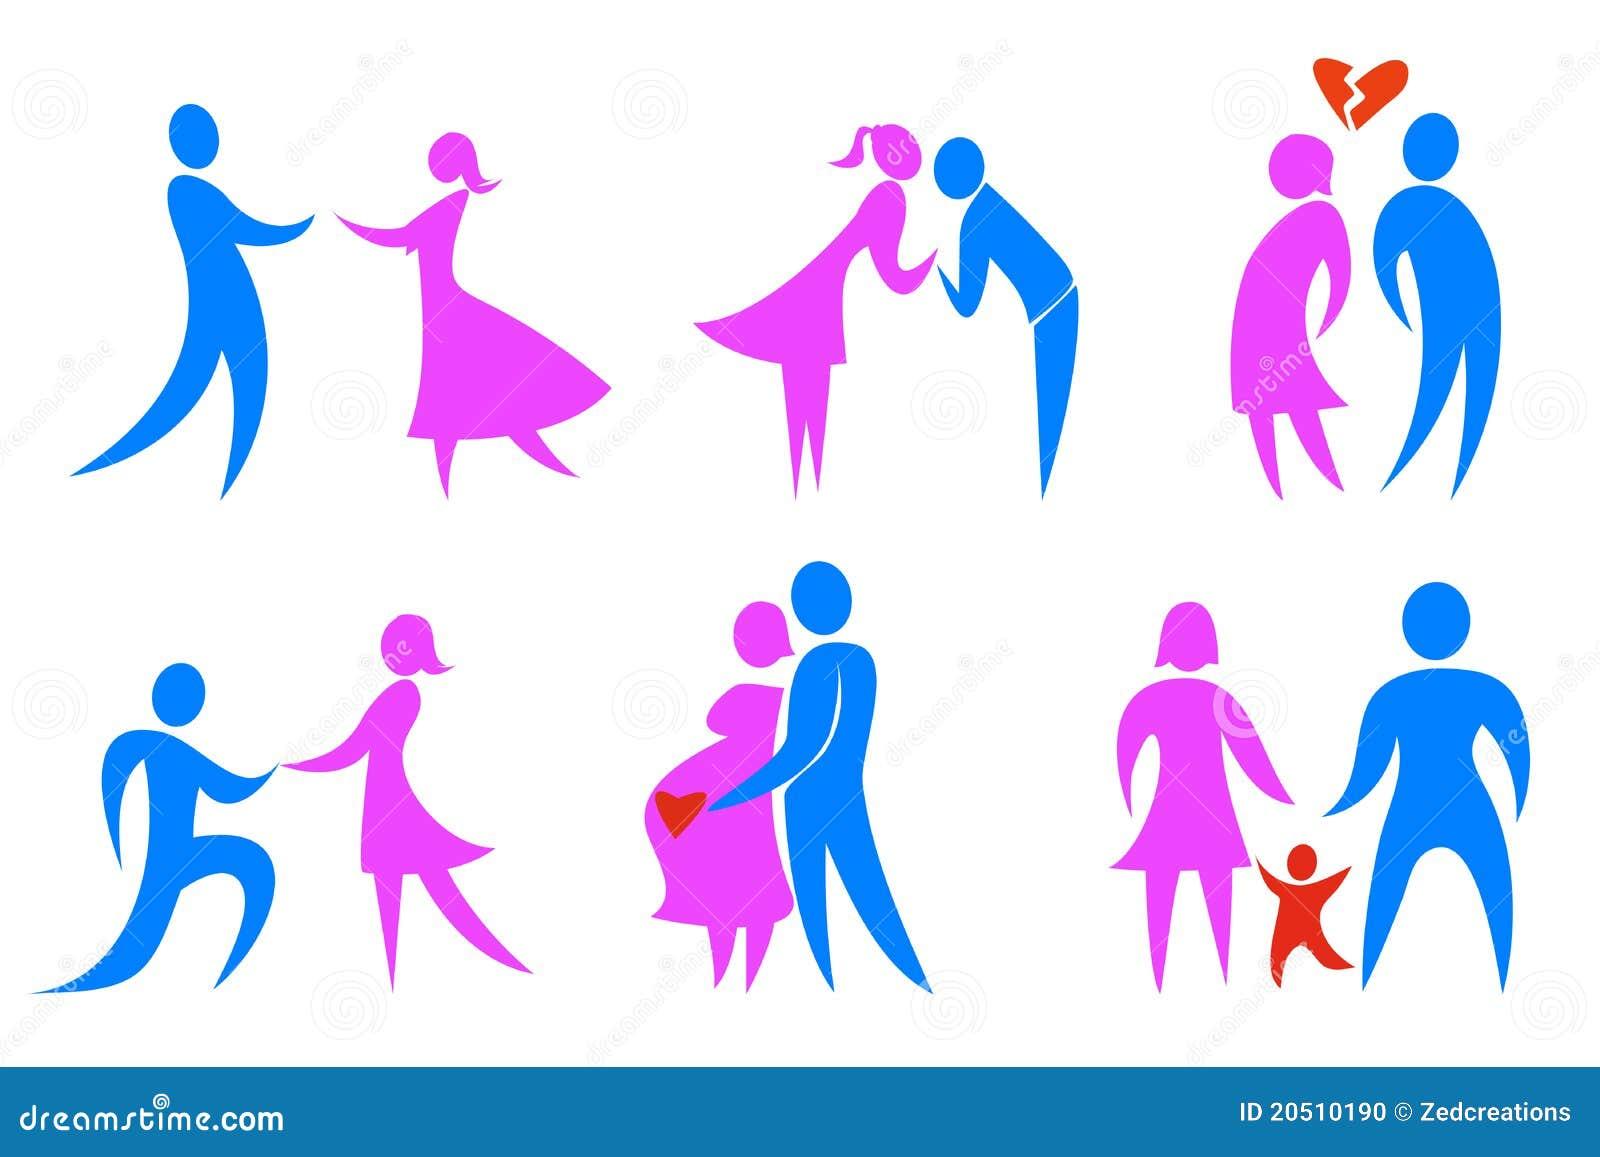 Icone di concetto  nucleo familiare